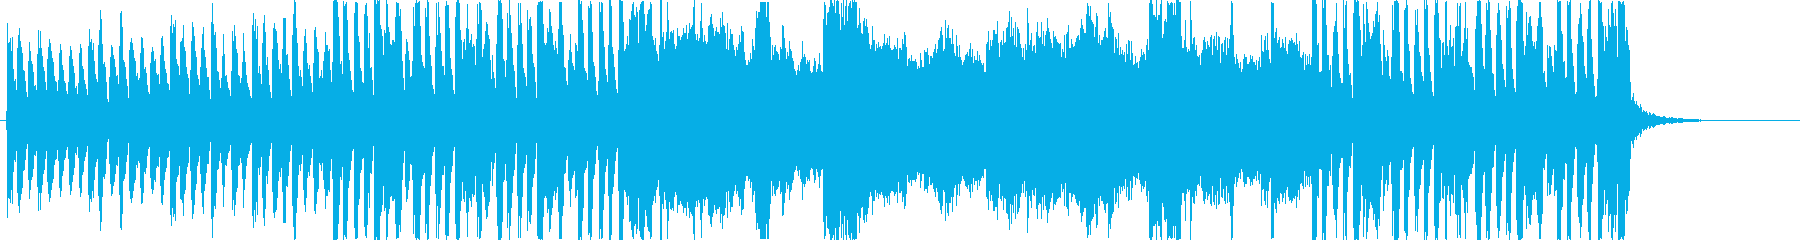 キャンパスをイメージしたBGMの再生済みの波形